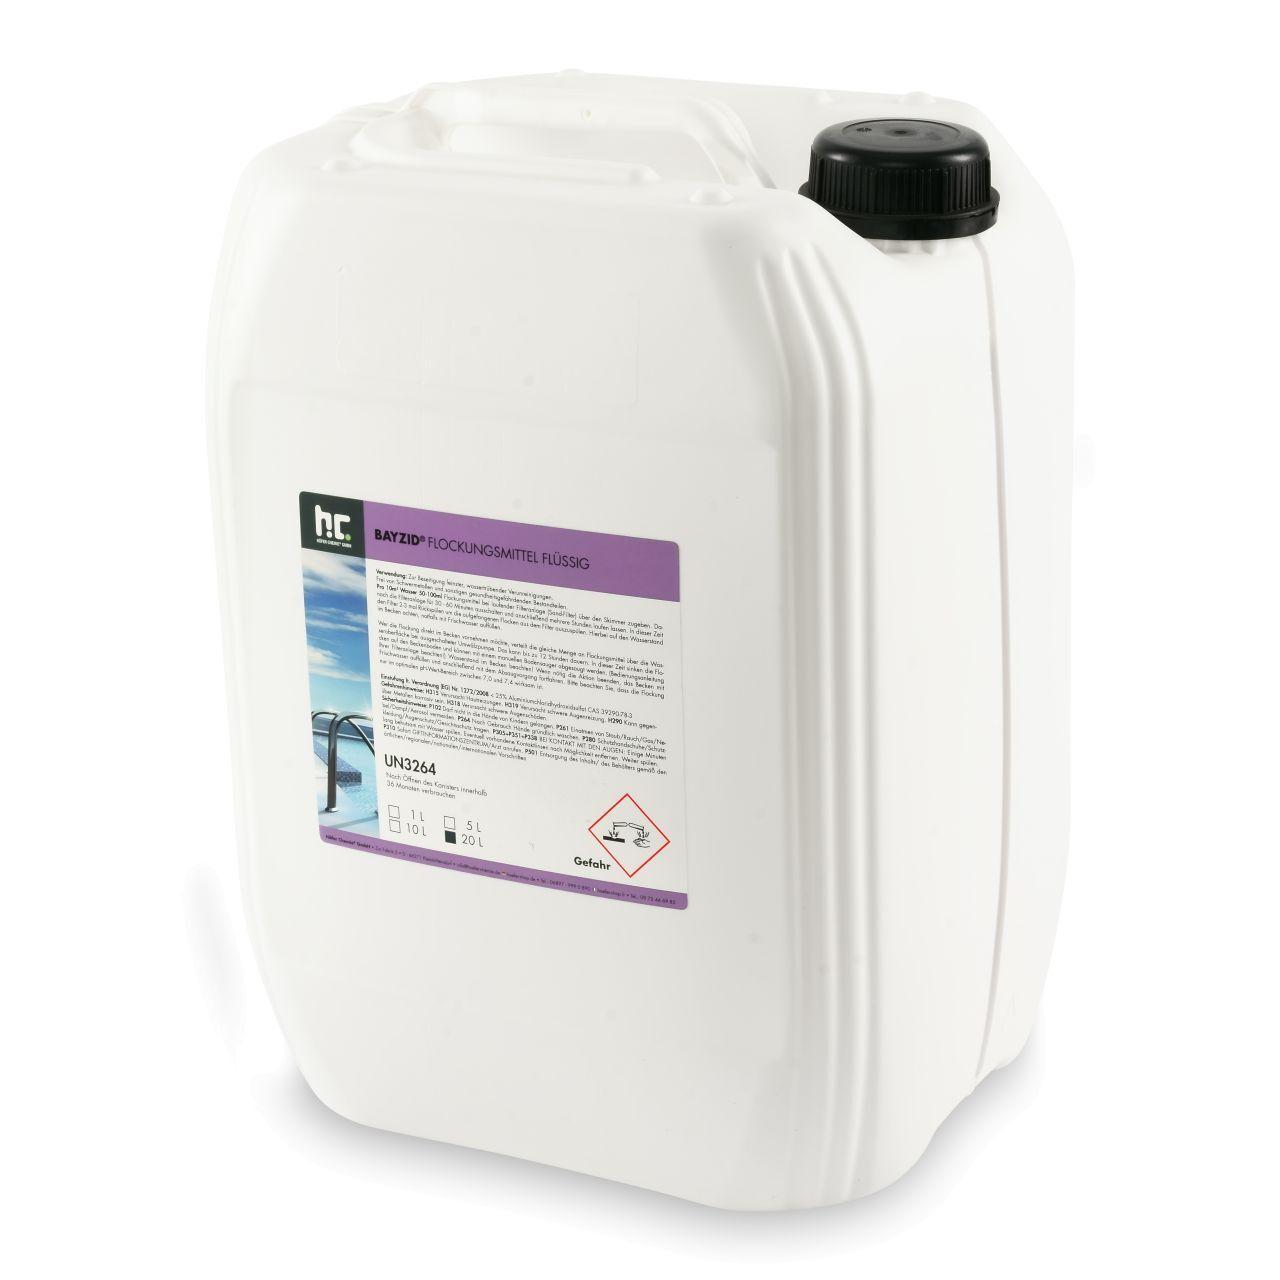 BAYZID 40 l Bayzid® Floculant liquide (2 x 20 l)